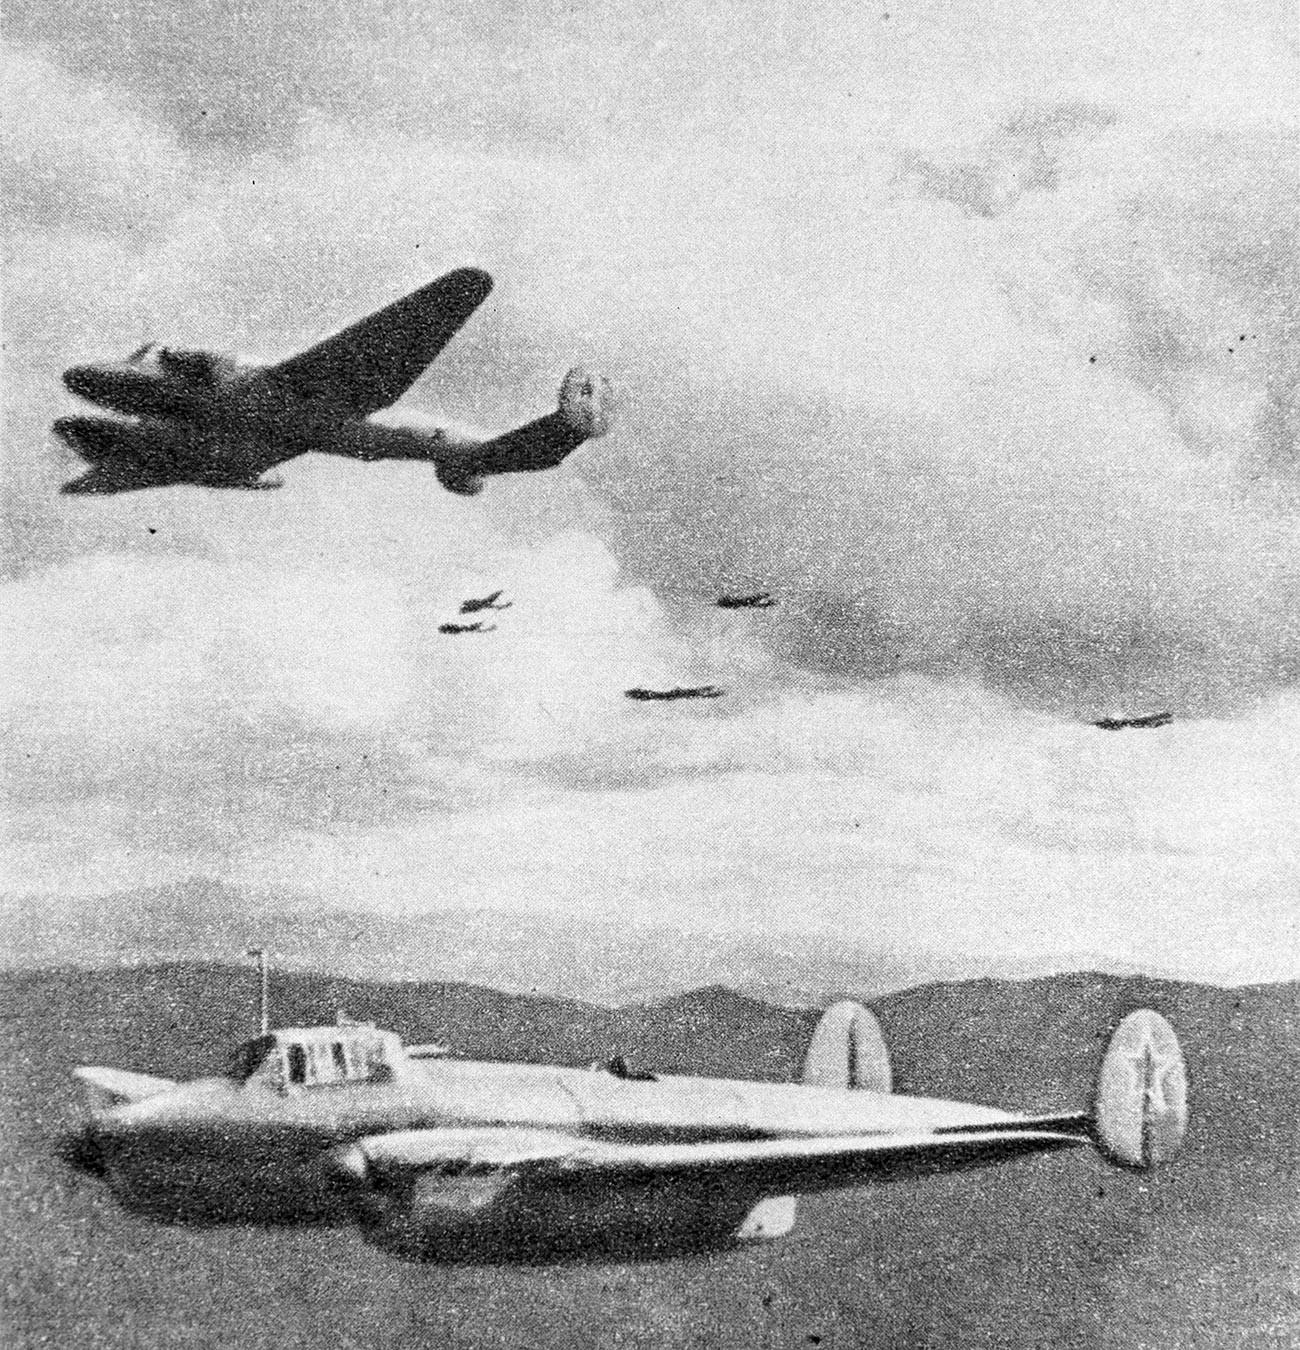 Sovjetski piloti dobrovoljci u nacionalno-oslobodilačkoj borbi kineskog naroda protiv japanskih osvajača (1937.-1945.).